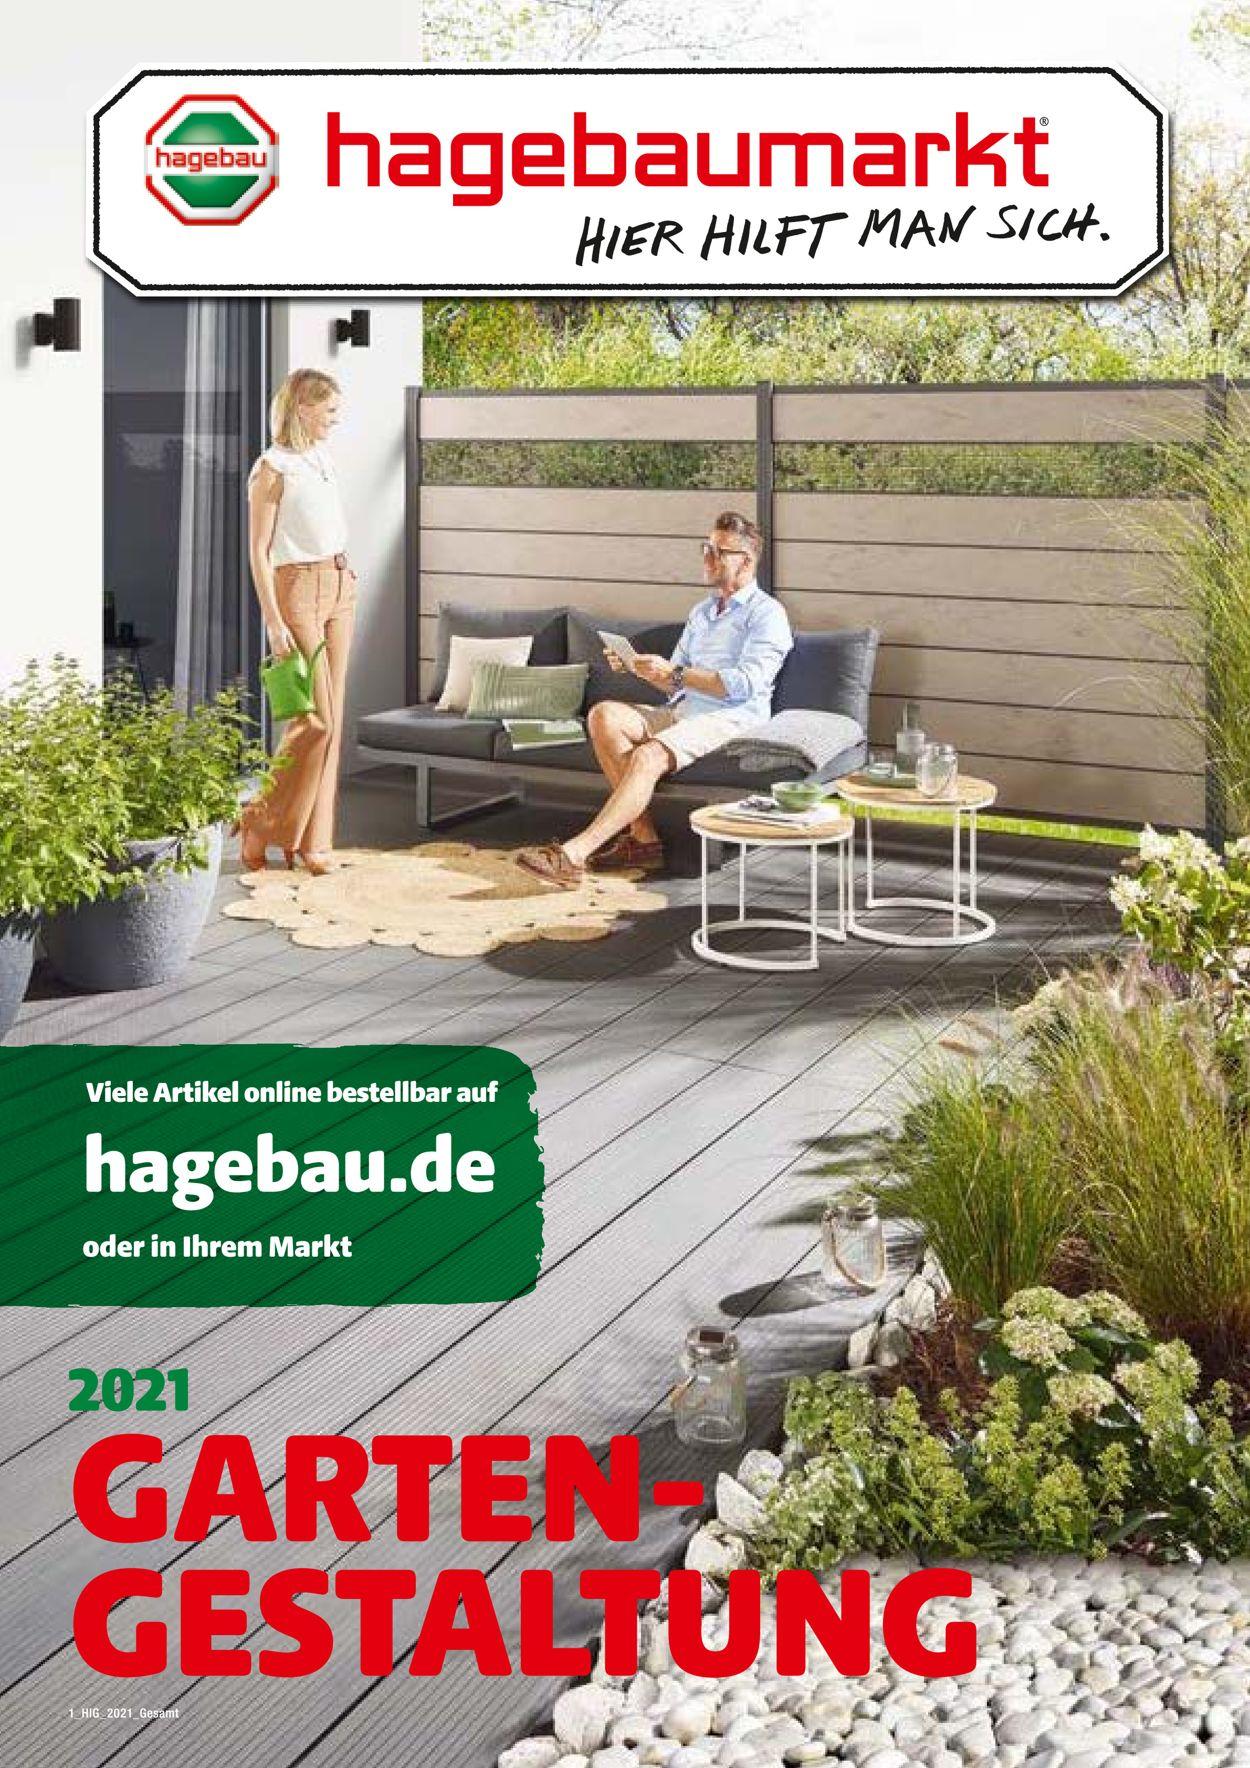 hagebaumarkt Gartengestaltung Prospekt - Aktuell vom 01.03-30.06.2021